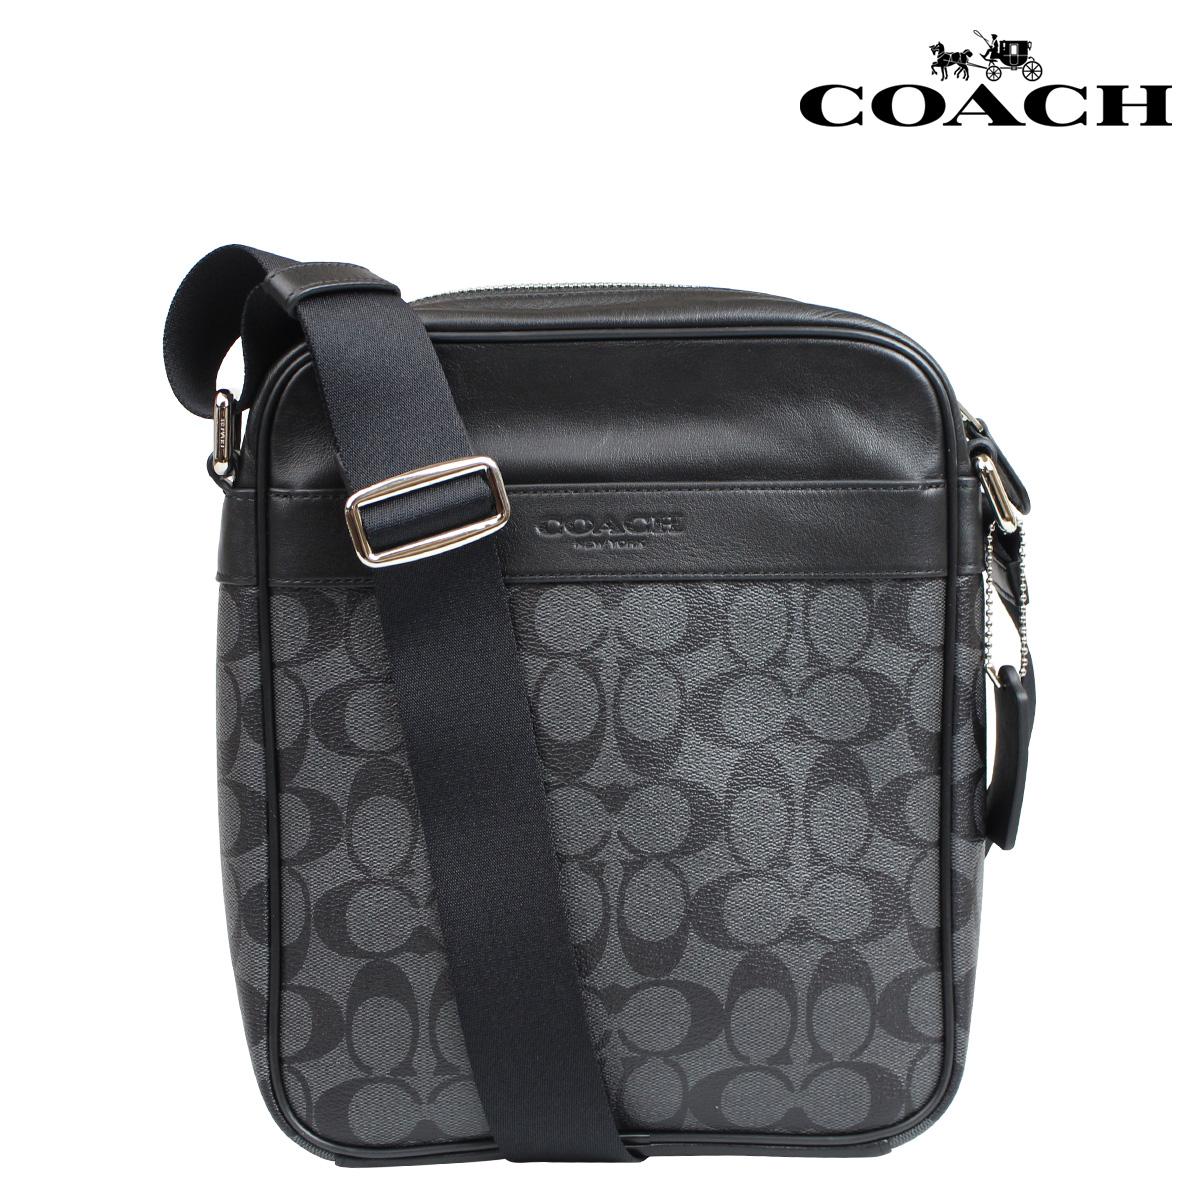 Coach Men S Bags Shoulder Bag F71764 Charcoal Black